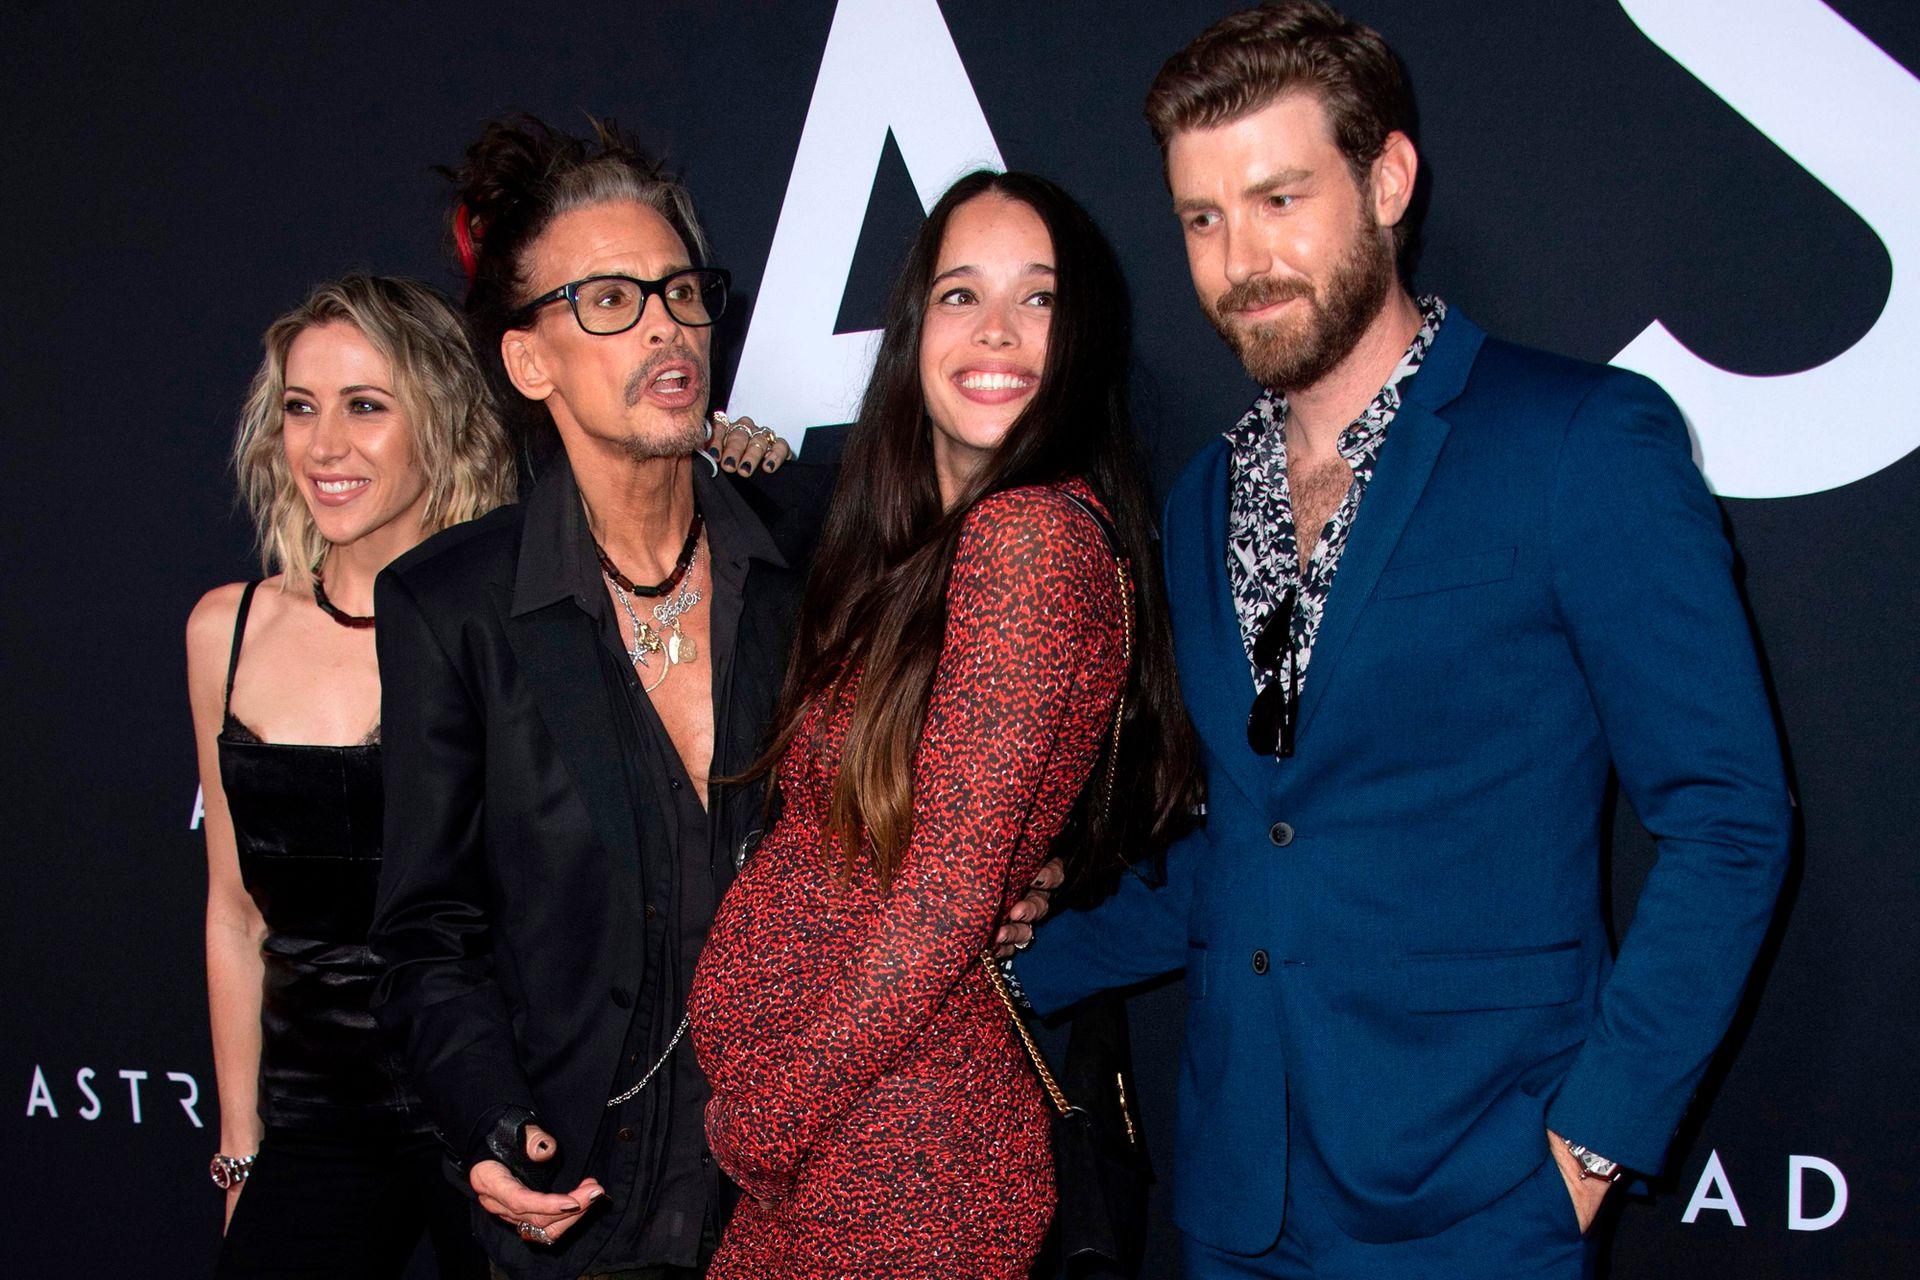 Cita doble:el cantante de Aerosmith, Steven Tyler, asistió al estreno para invitados de Ad Astra en Los Angeles junto a su esposa, Aimee Preston; en la red carpet, posó junto a su hija, Chelsea, y su yerno, el actor Jon Foster